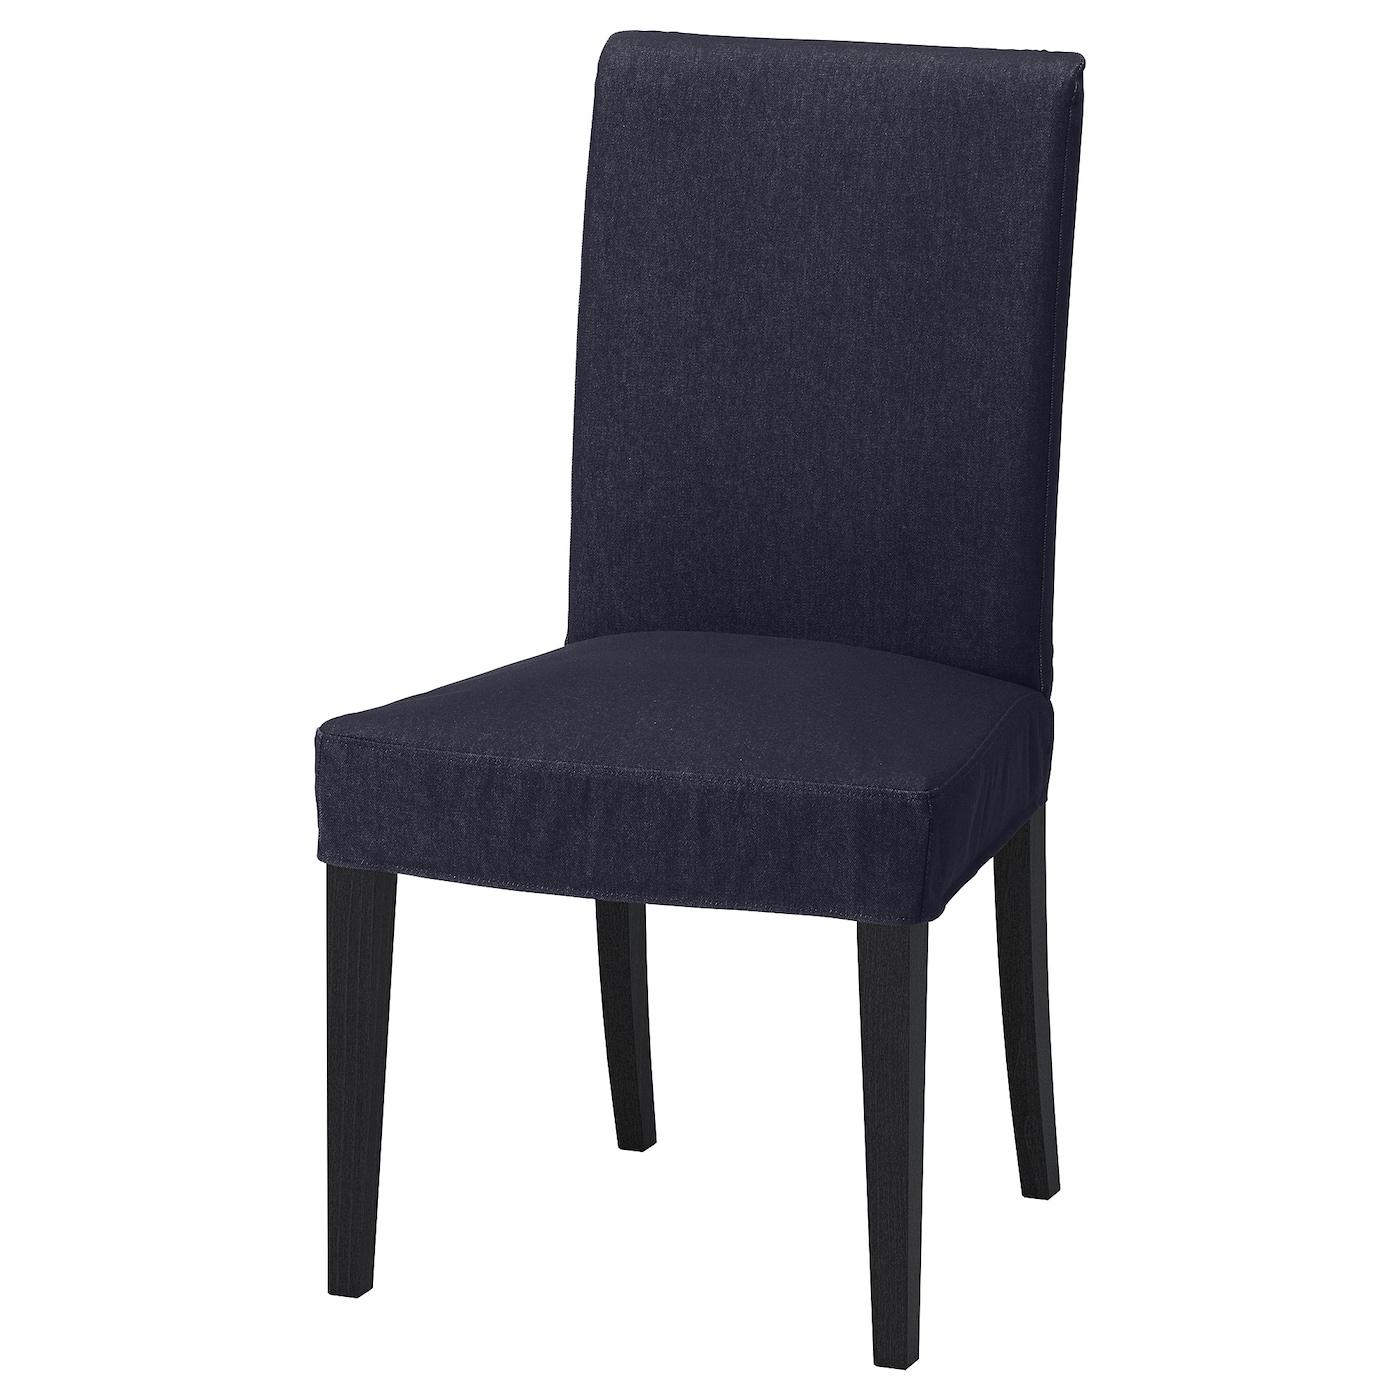 chaises rembourr es ikea. Black Bedroom Furniture Sets. Home Design Ideas